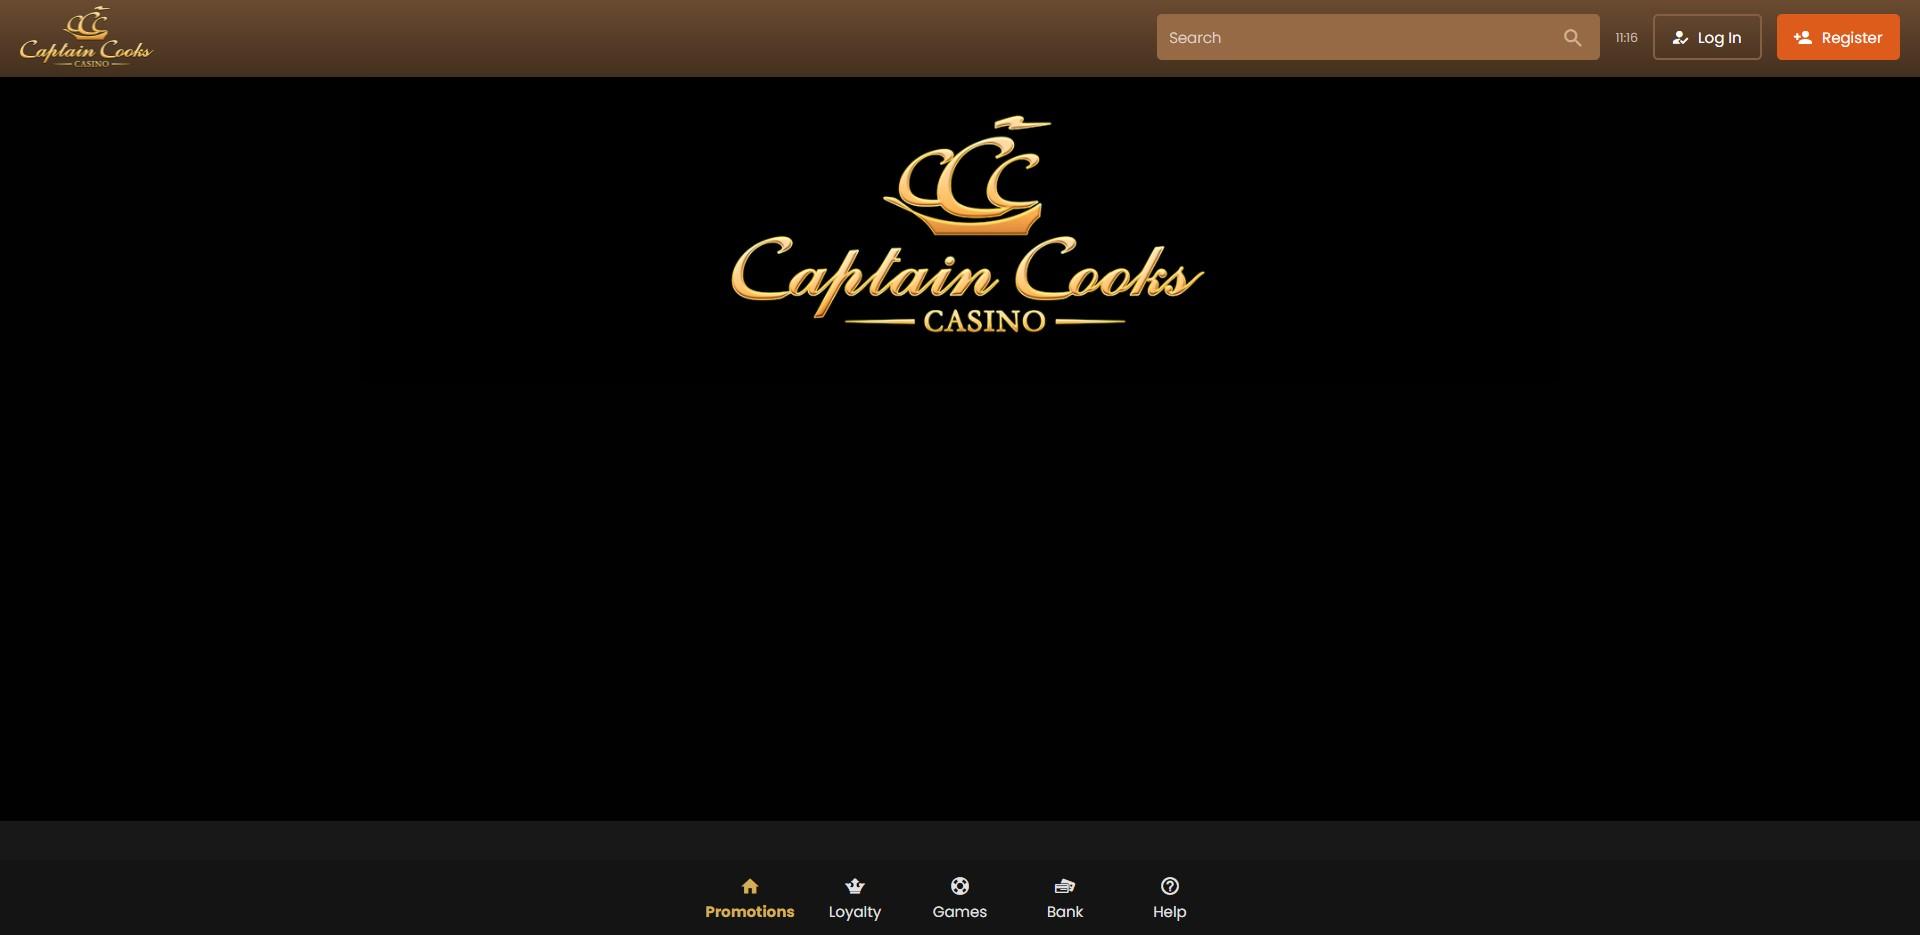 Captain Cooks Casino Login